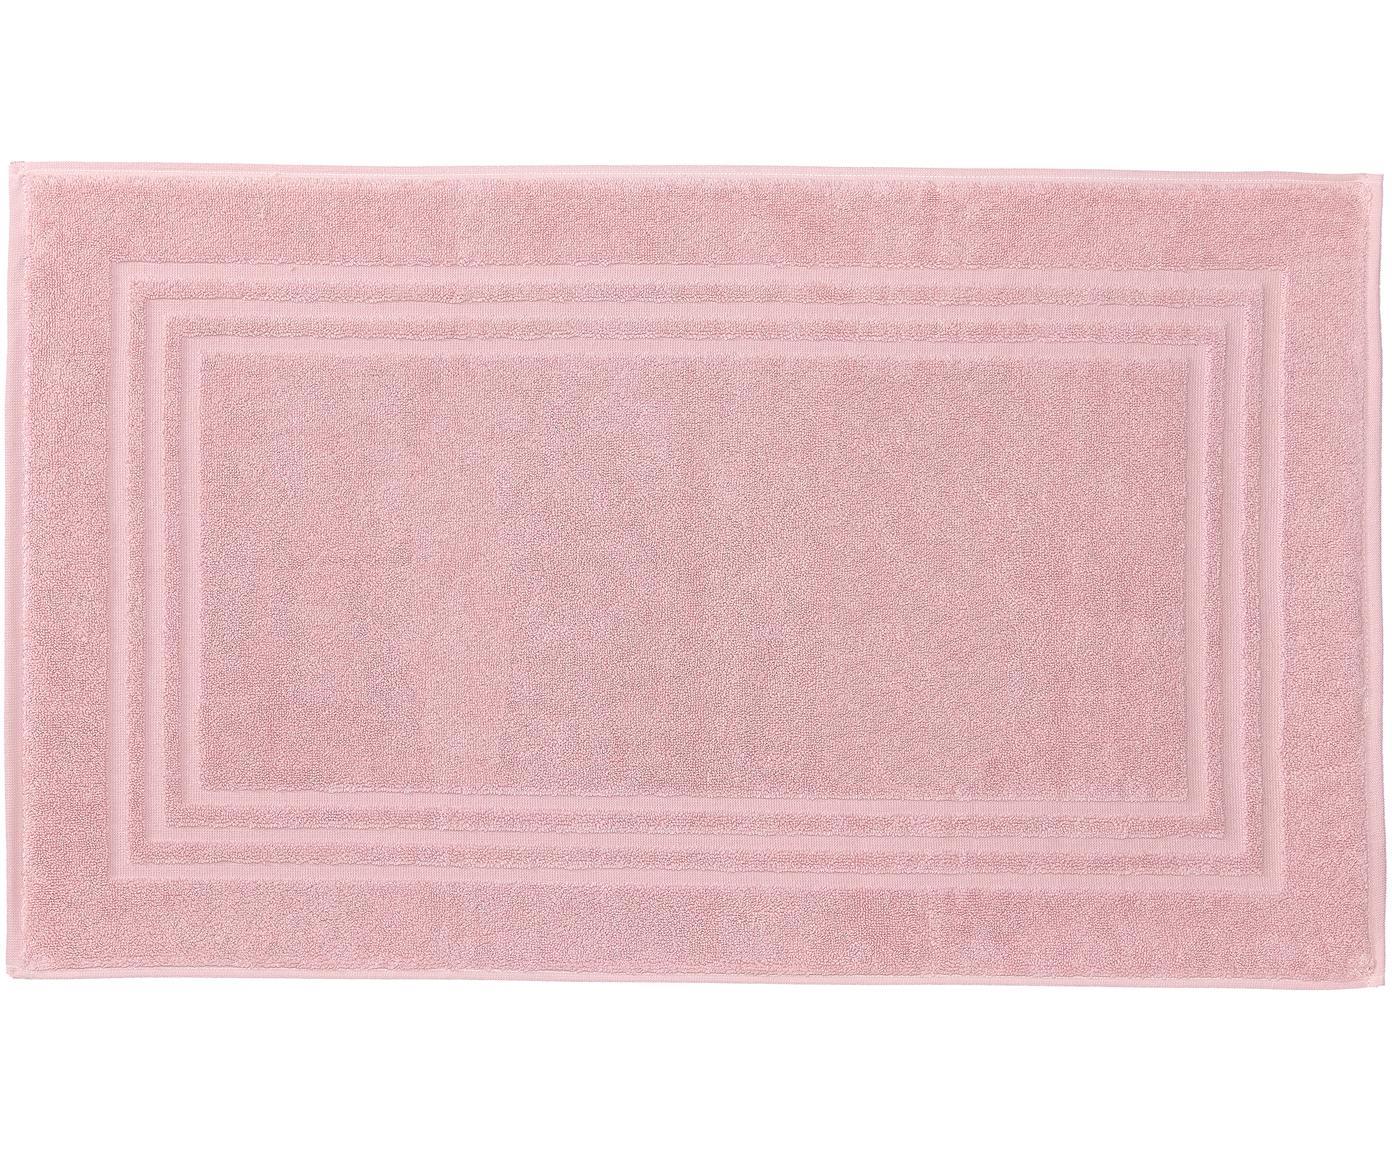 Eenkleurig badmat Gentle, Katoen, Roze, 50 x 80 cm